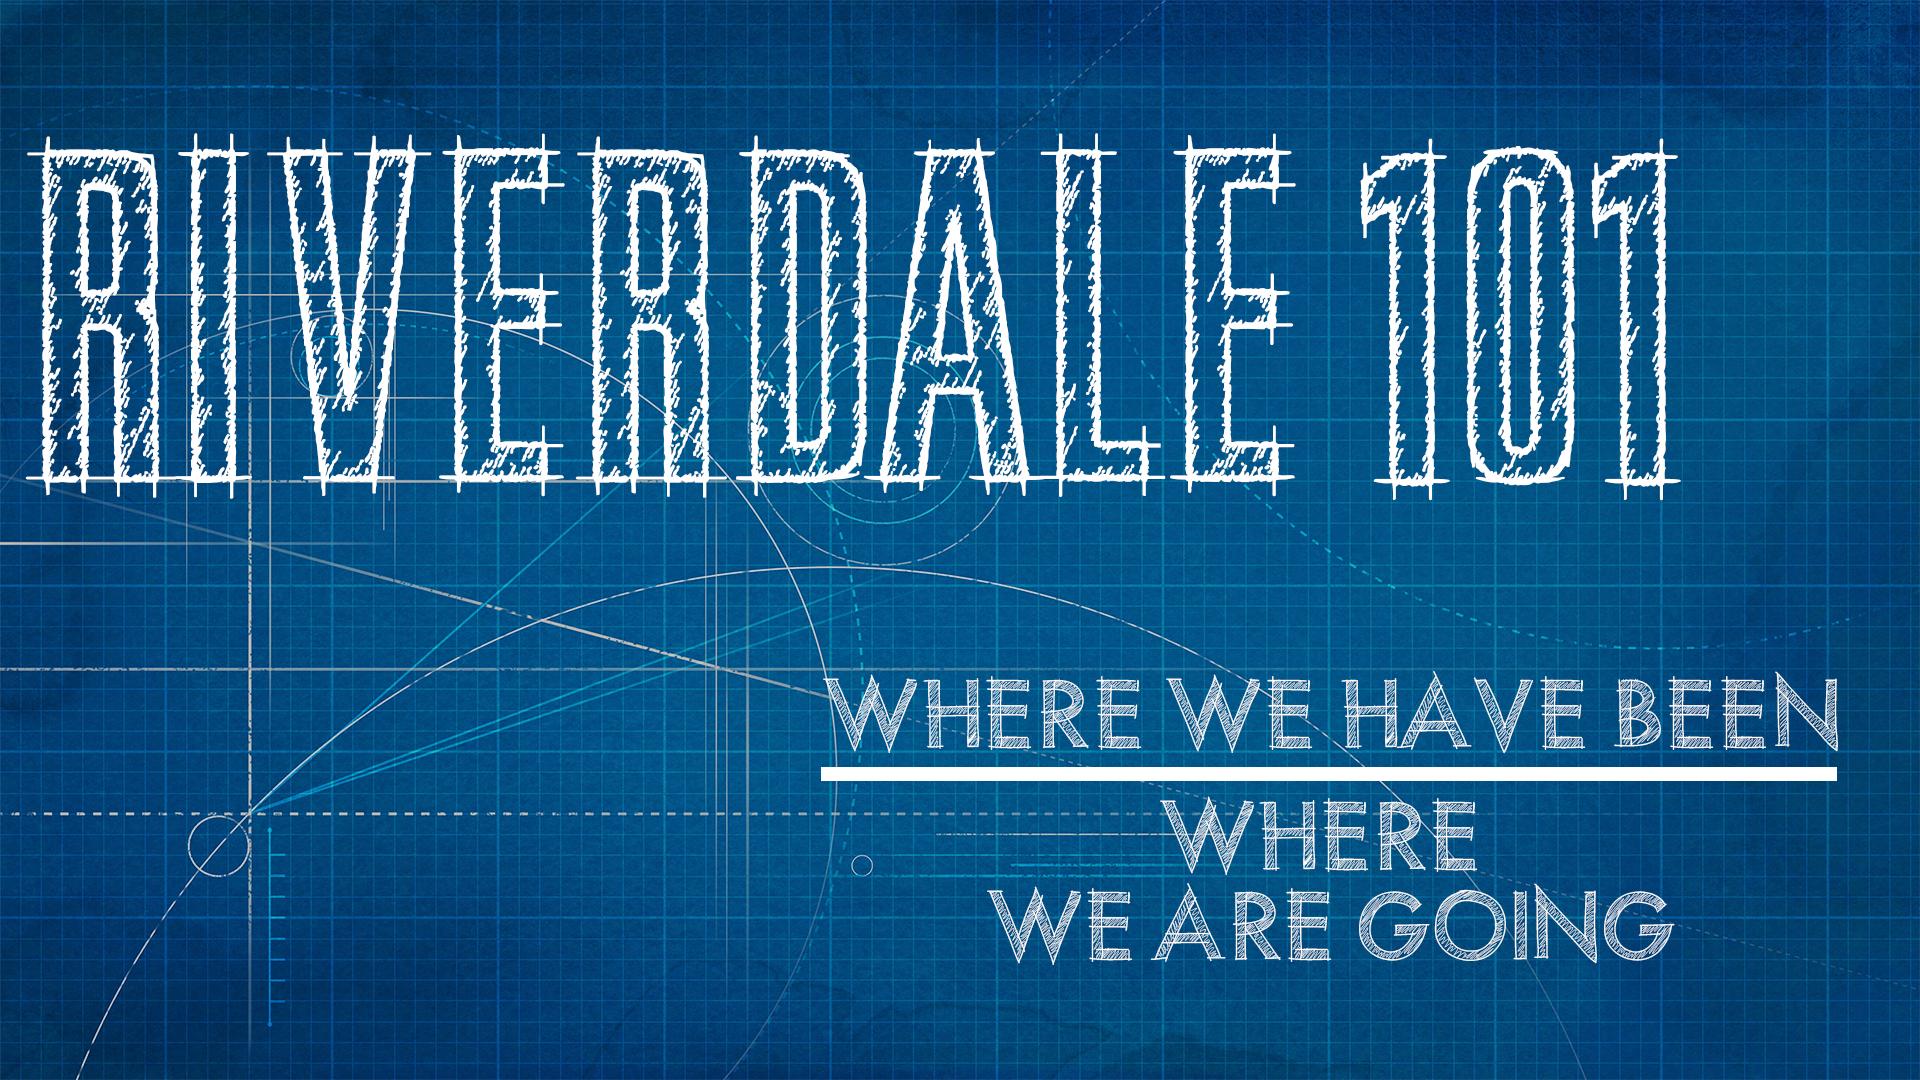 Riverdale 101 main slide